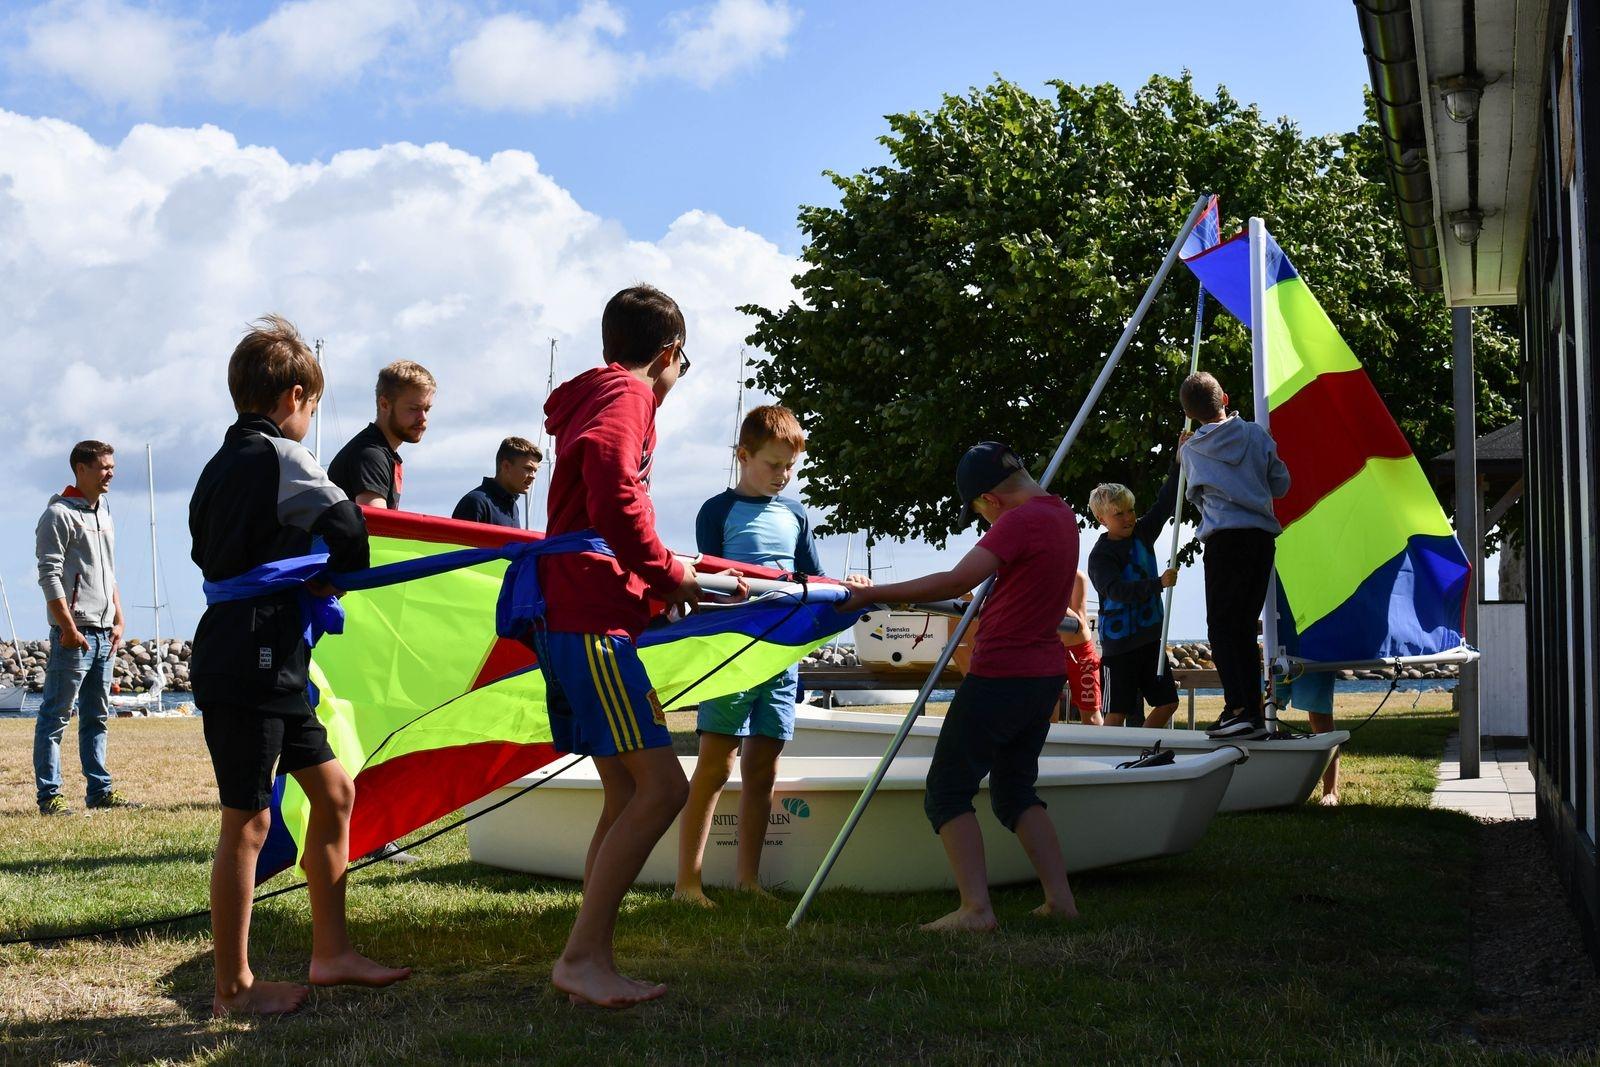 Eftersom veckan inleddes med väl hårda vindar för nybörjarsegling, blev det en stund över för lekfull teori i tävlingsform.